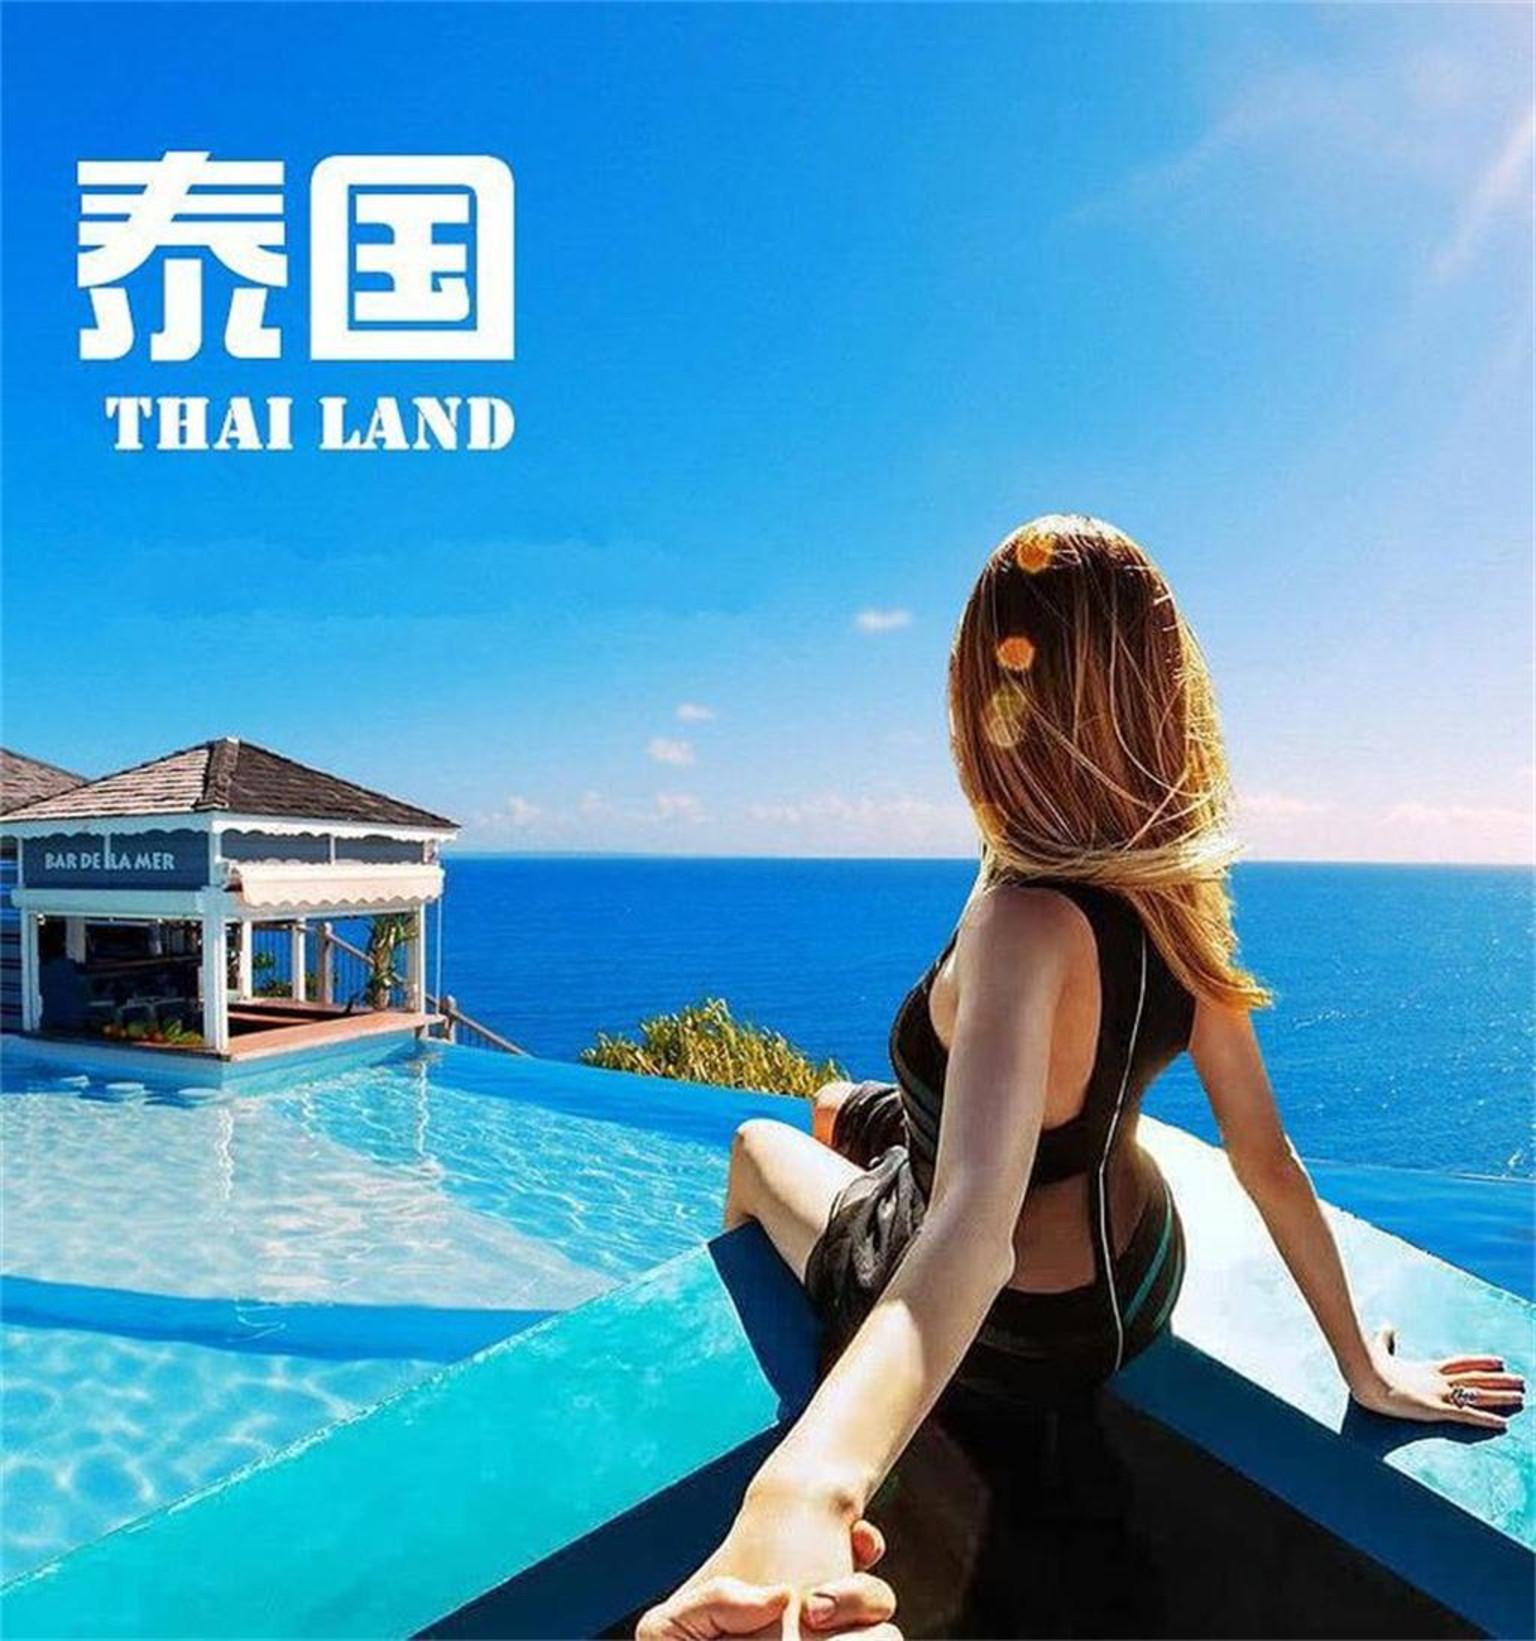 海边别墅 ★ 一天自由活动可尽情享受海岛生活 ★ 象岛是泰国第二大岛